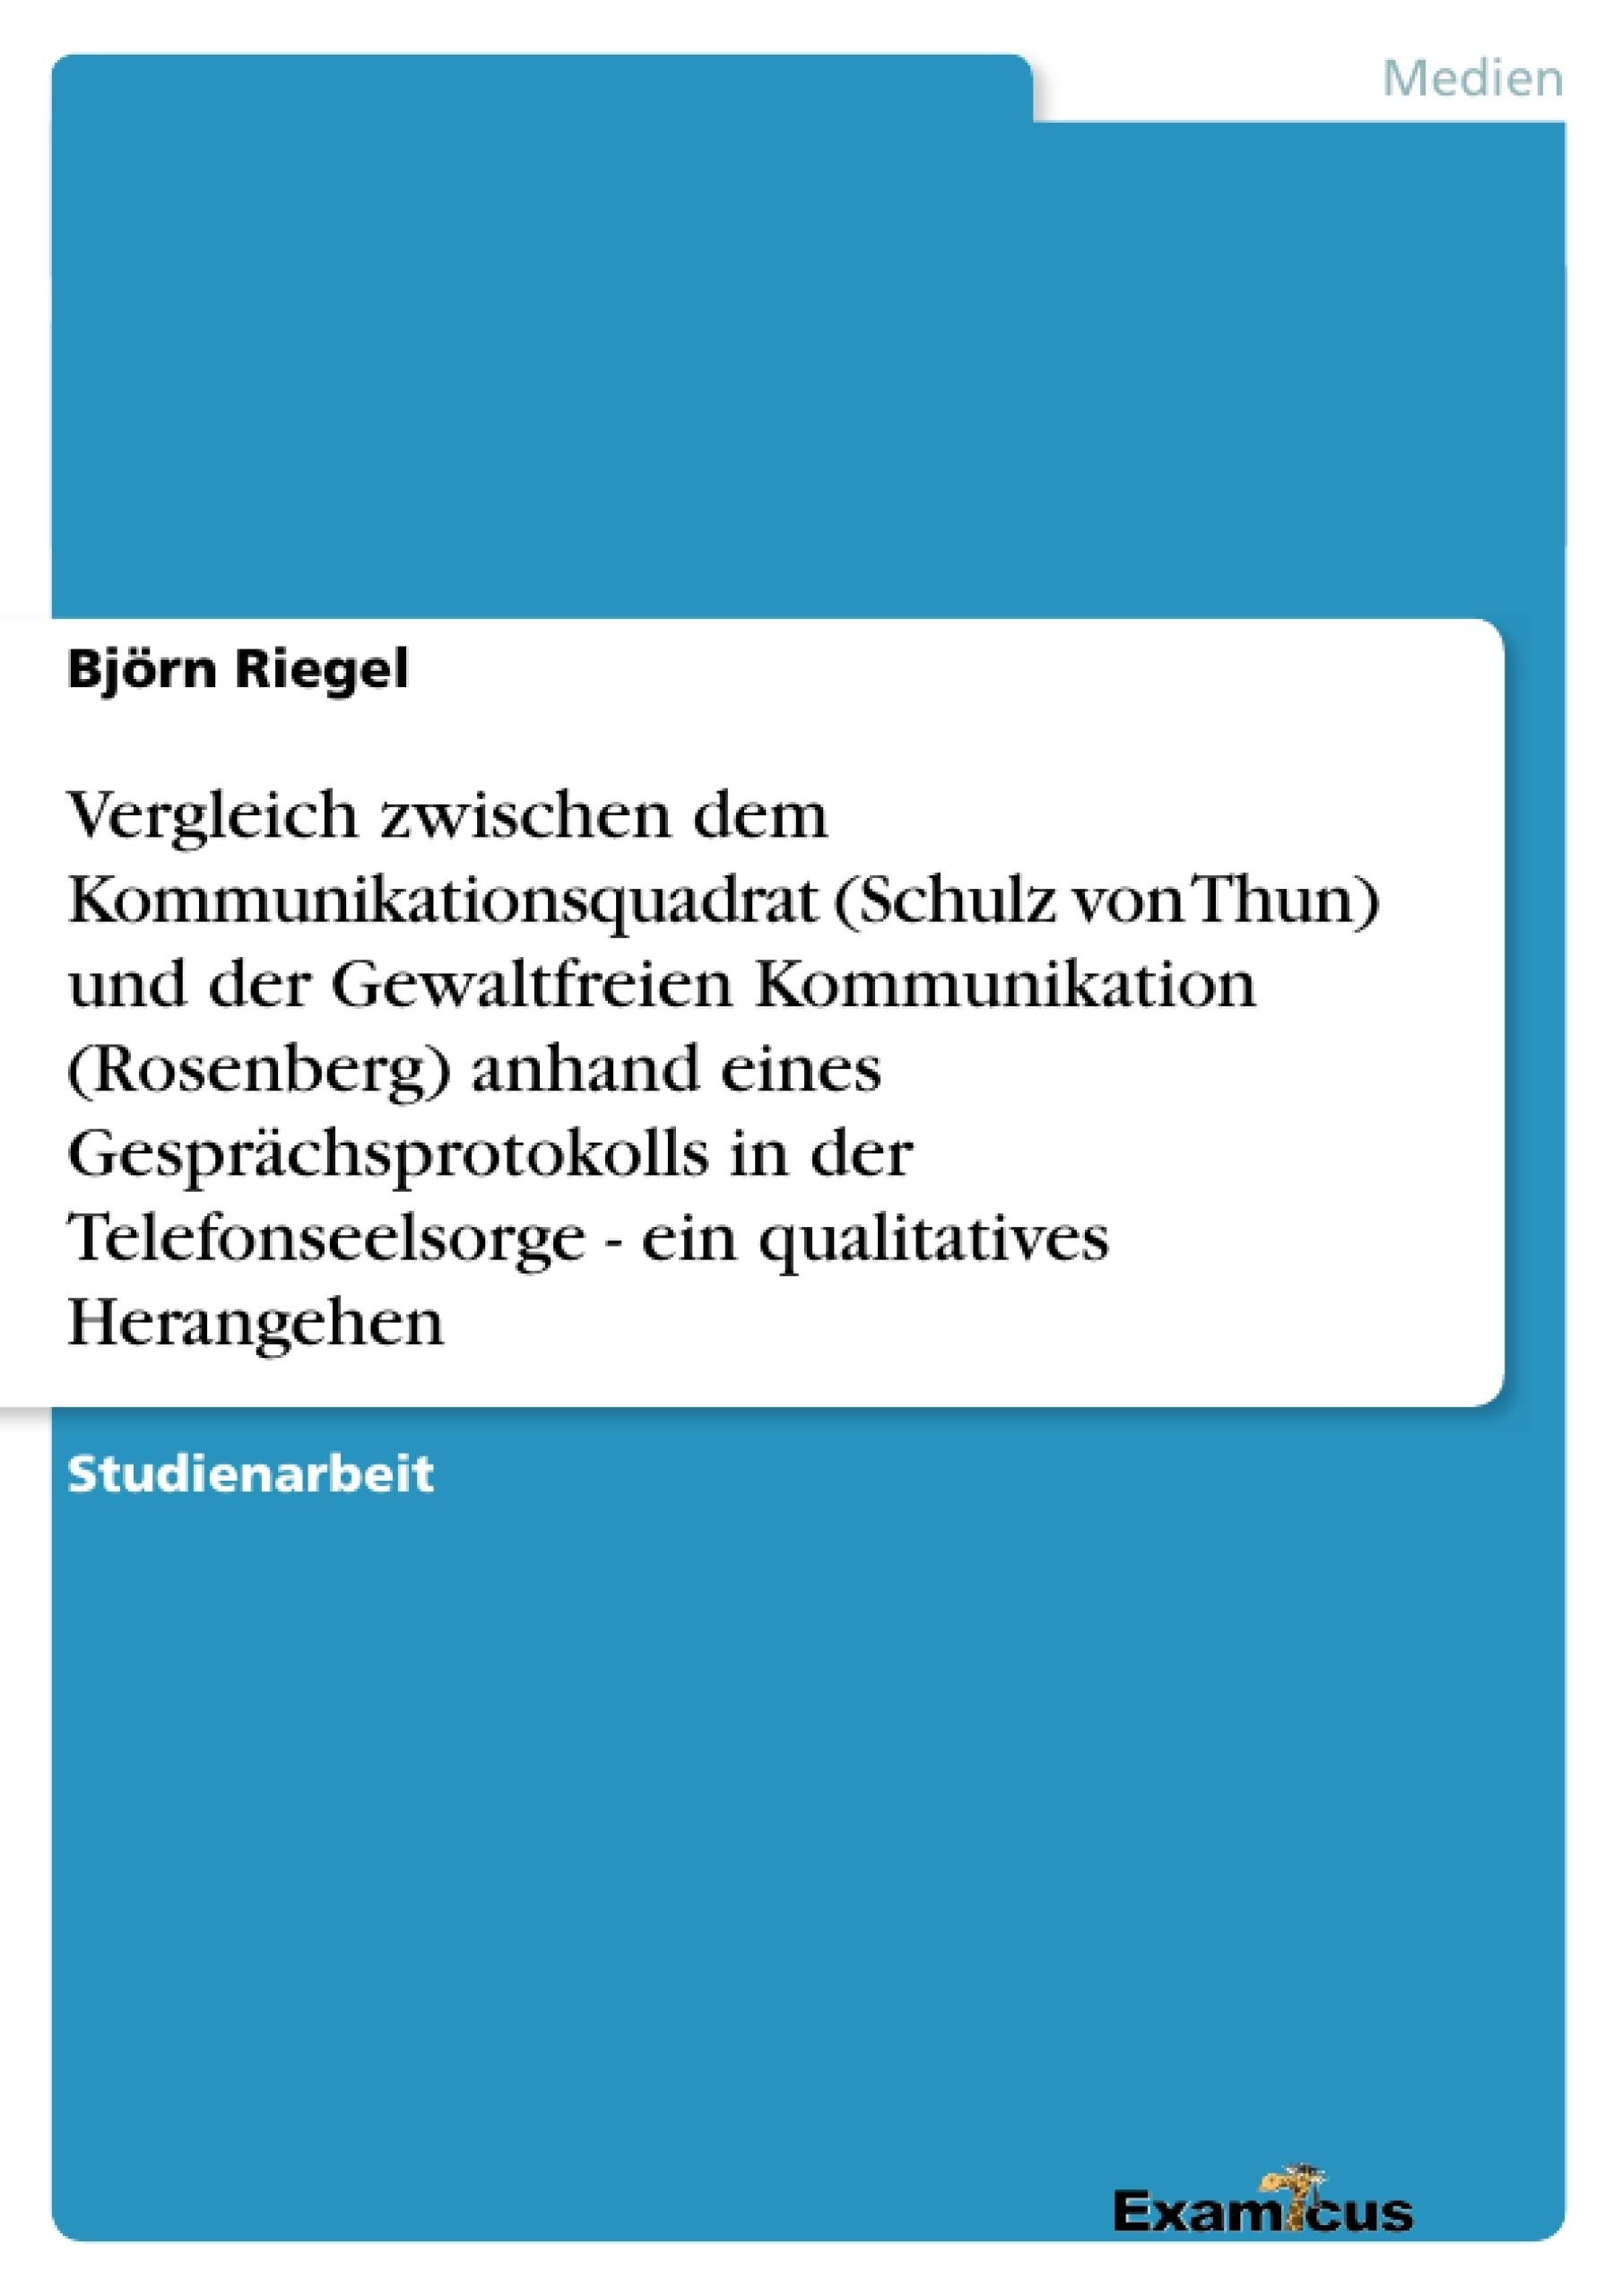 Titel: Vergleich zwischen dem Kommunikationsquadrat (Schulz von Thun) und der Gewaltfreien Kommunikation (Rosenberg) anhand eines Gesprächsprotokolls in der Telefonseelsorge - ein qualitatives Herangehen